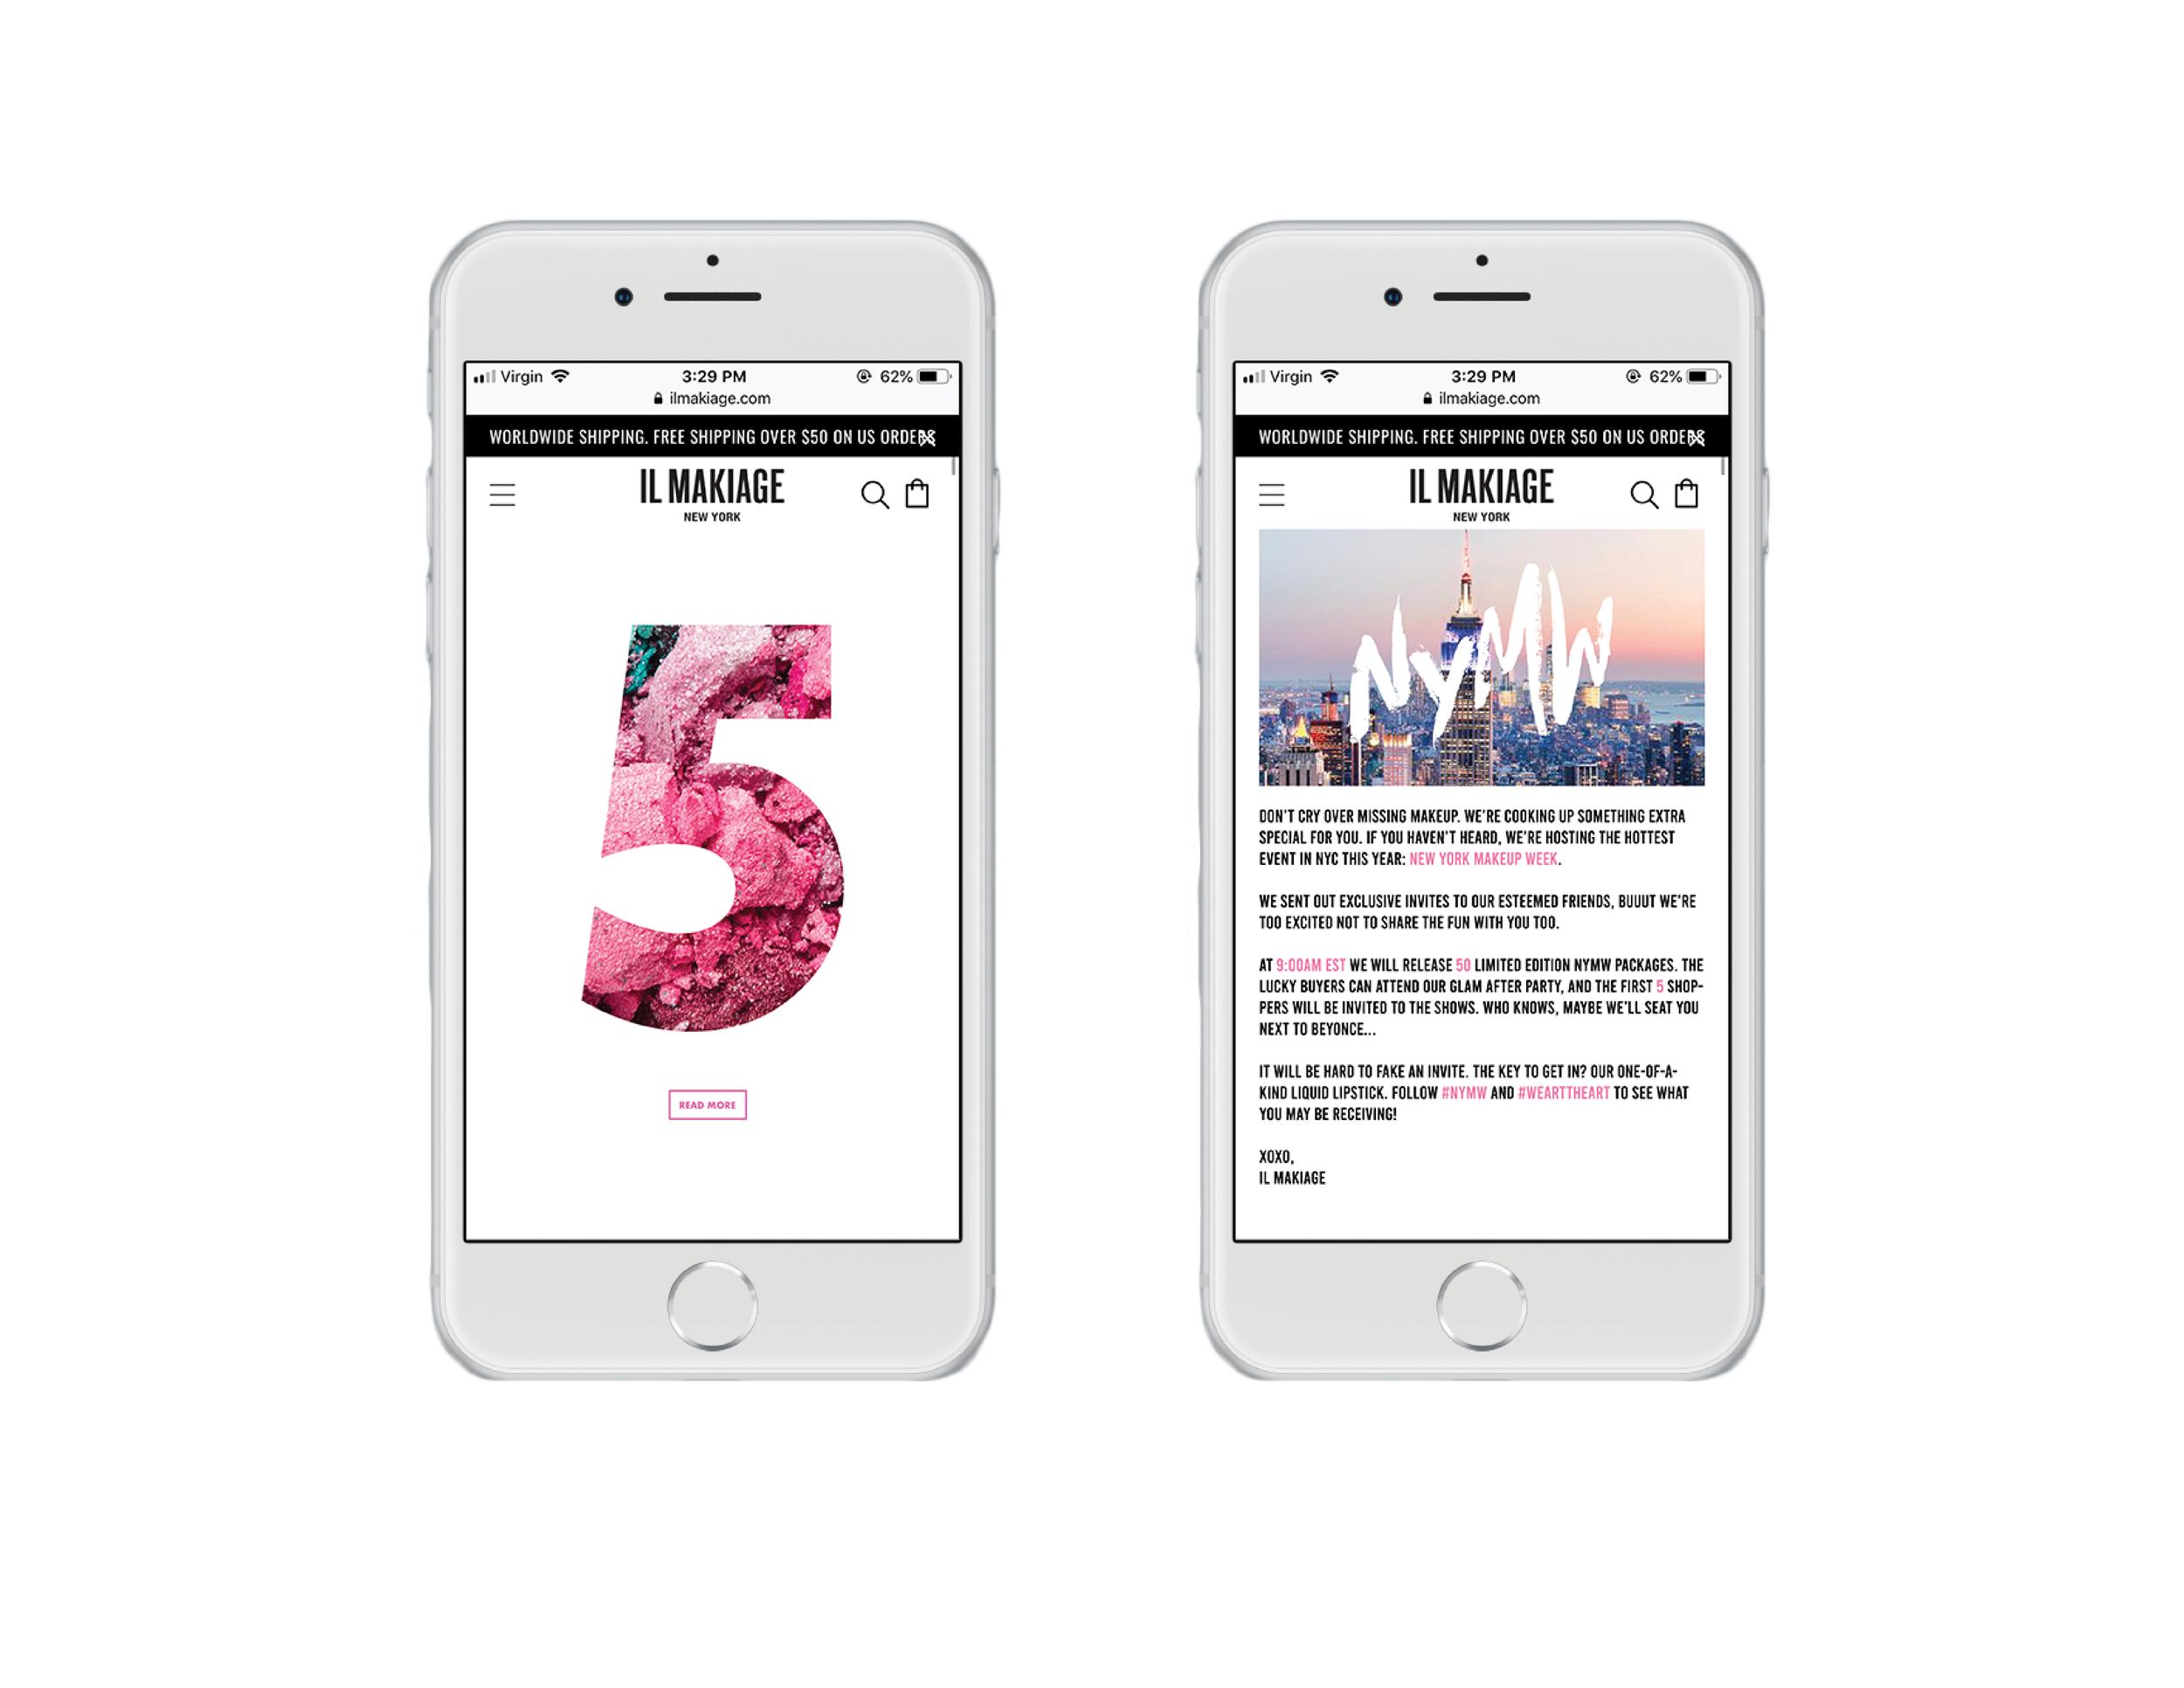 WebsiteShutdown_Mobile.png